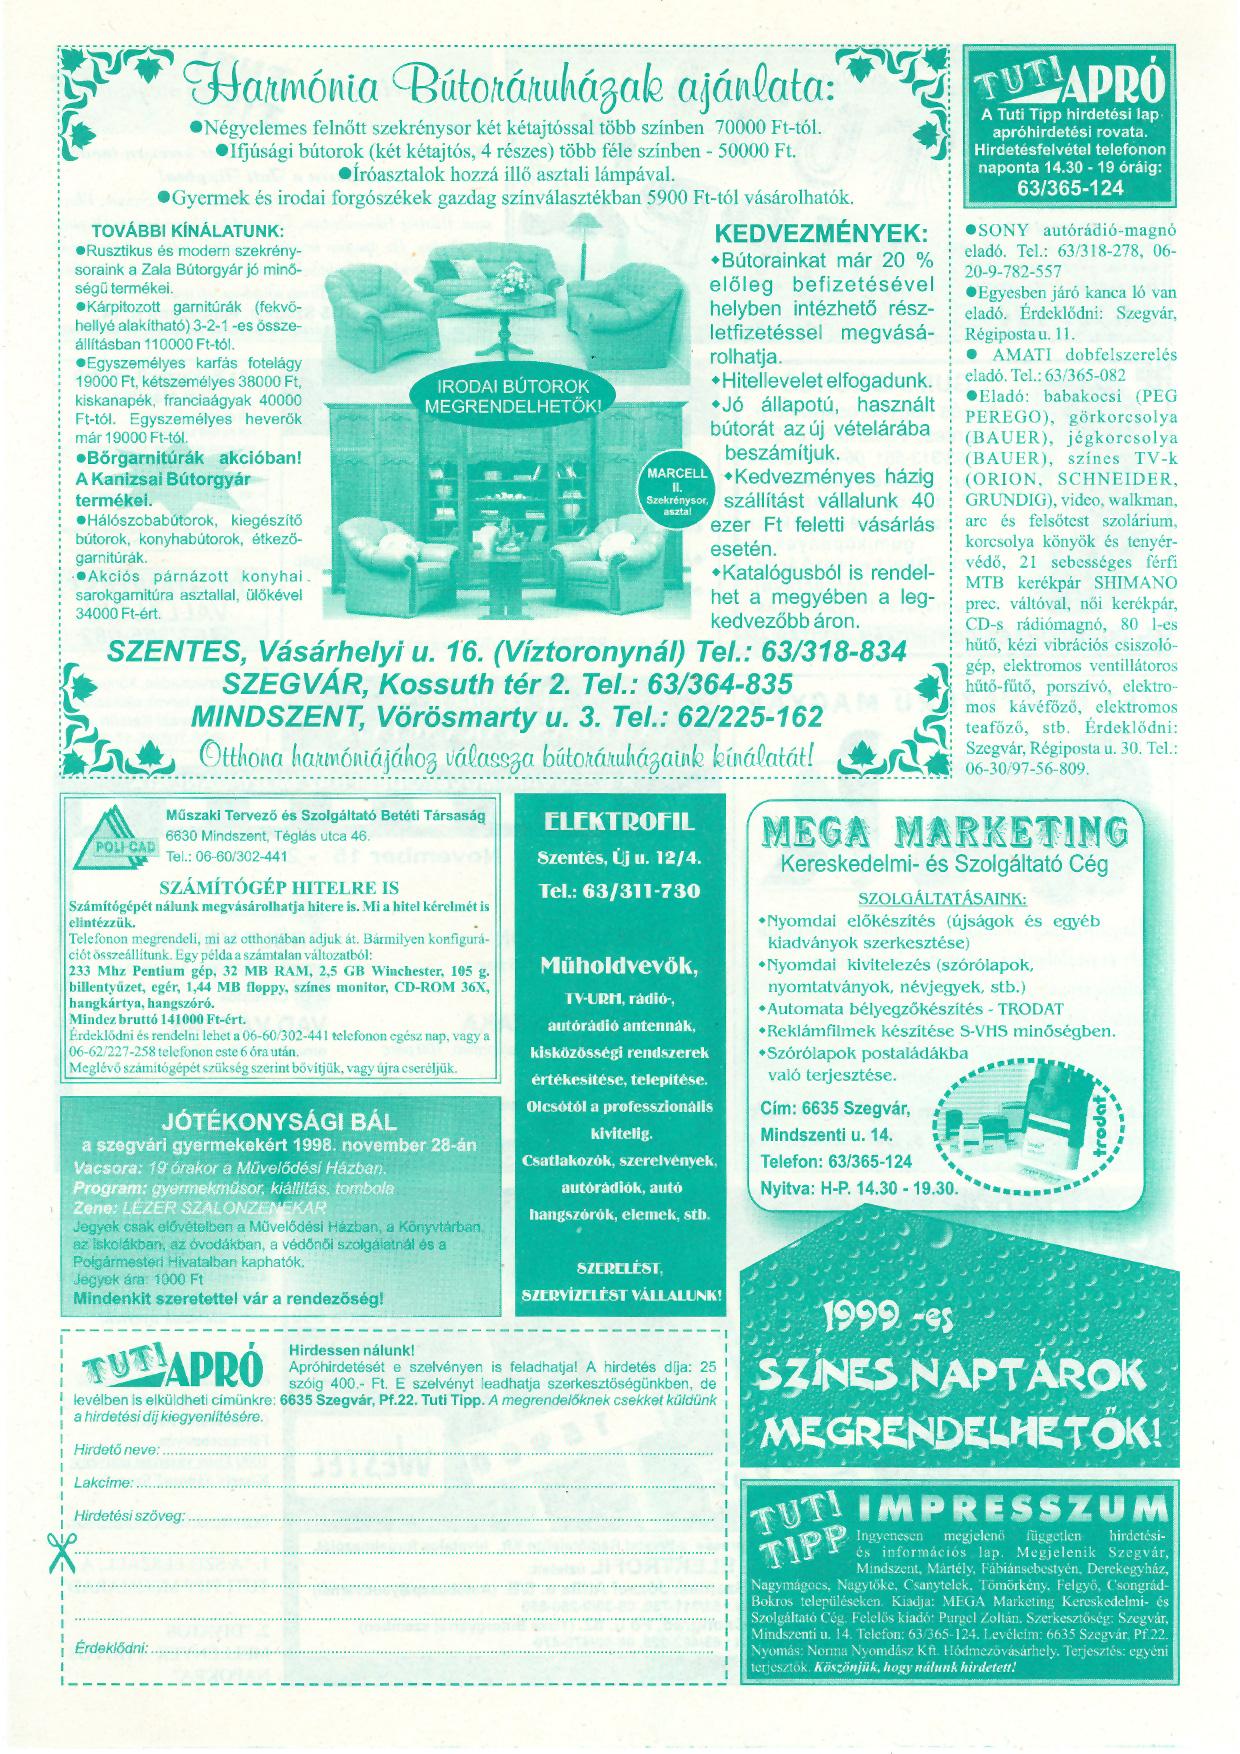 054 Tuti Tipp reklámújság - 19981114-097+007. lapszám - 2.oldal - IV. évfolyam.jpg